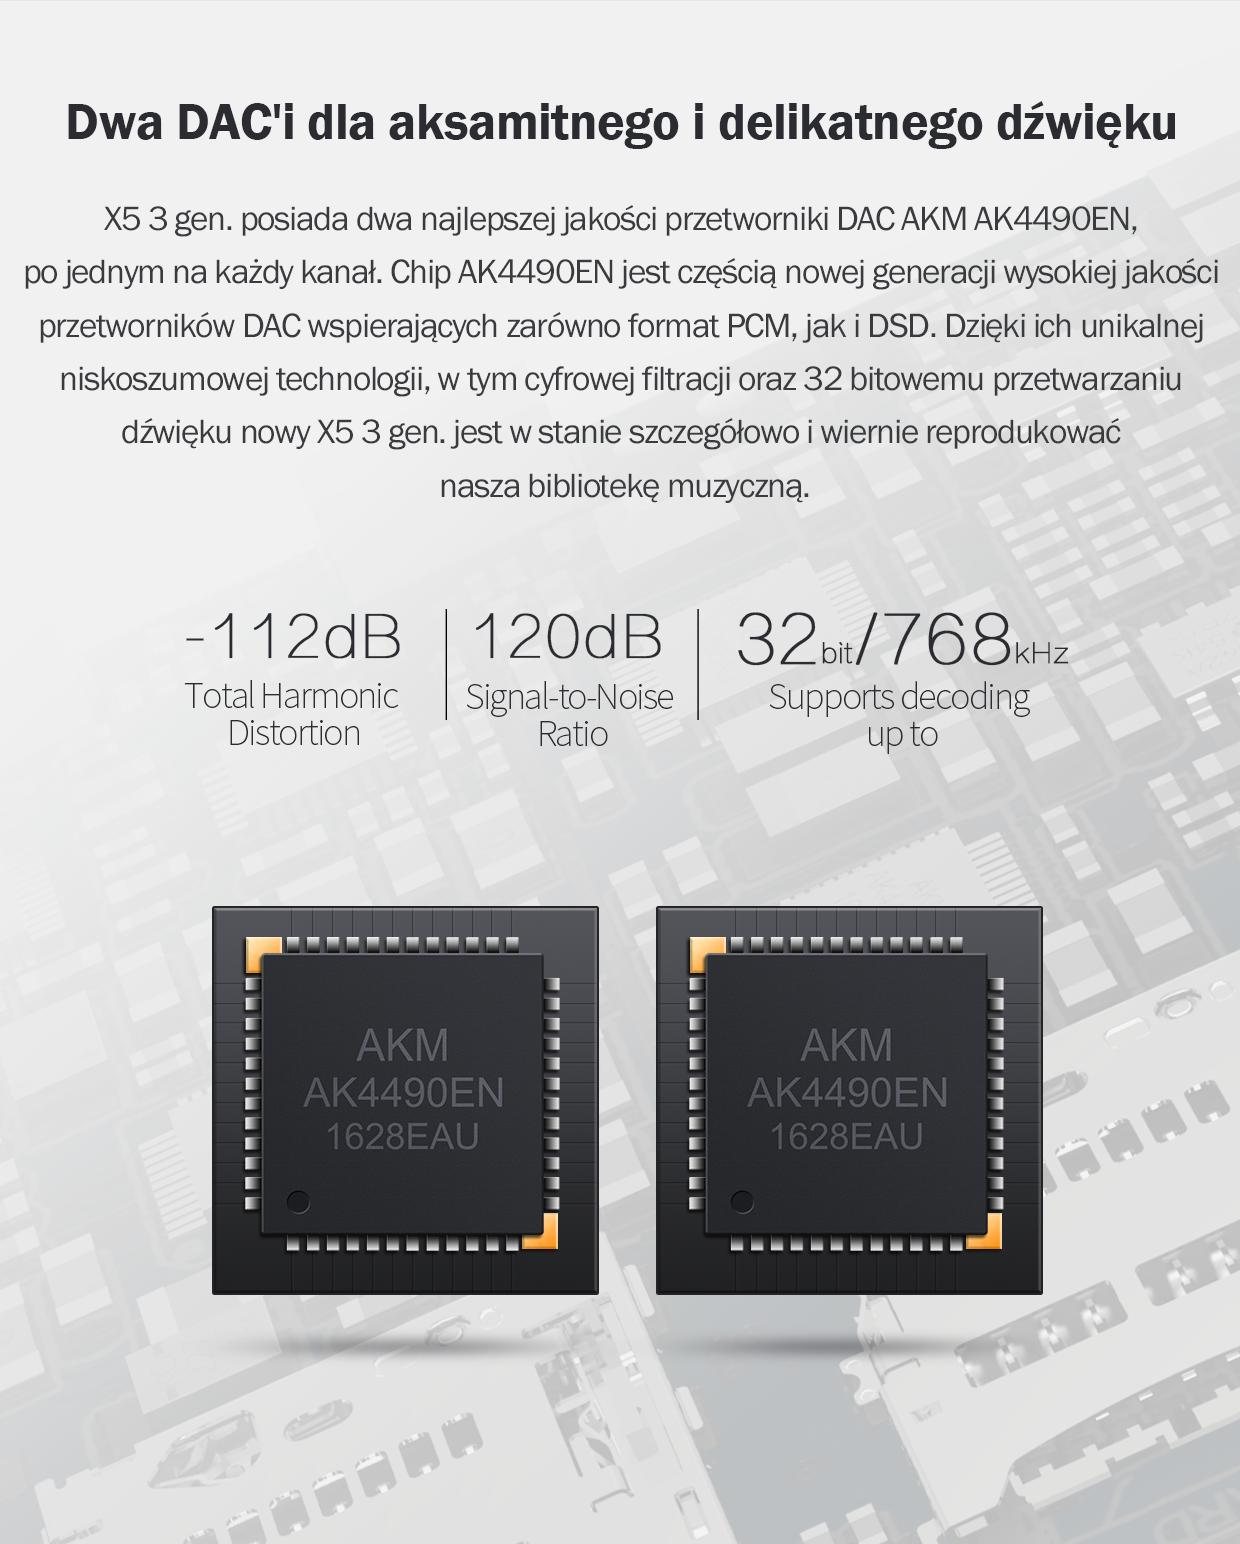 X5 3 gen. posiada dwa najlepszej jakości przetworniki DAC AKM AK4490EN, po jednym na każdy kanał. Chip AK4490EN jest częścią nowej generacji wysokiej jakości przetworników DAC wspierających zarówno format PCM, jak i DSD. Dzięki ich unikalnej niskoszumowej technologii, w tym cyfrowej filtracji oraz 32 bitowemu przetwarzaniu dźwięku nowy X5 3 gen. jest w stanie szczegółowo i wiernie reprodukować nasza bibliotekę muzyczną.